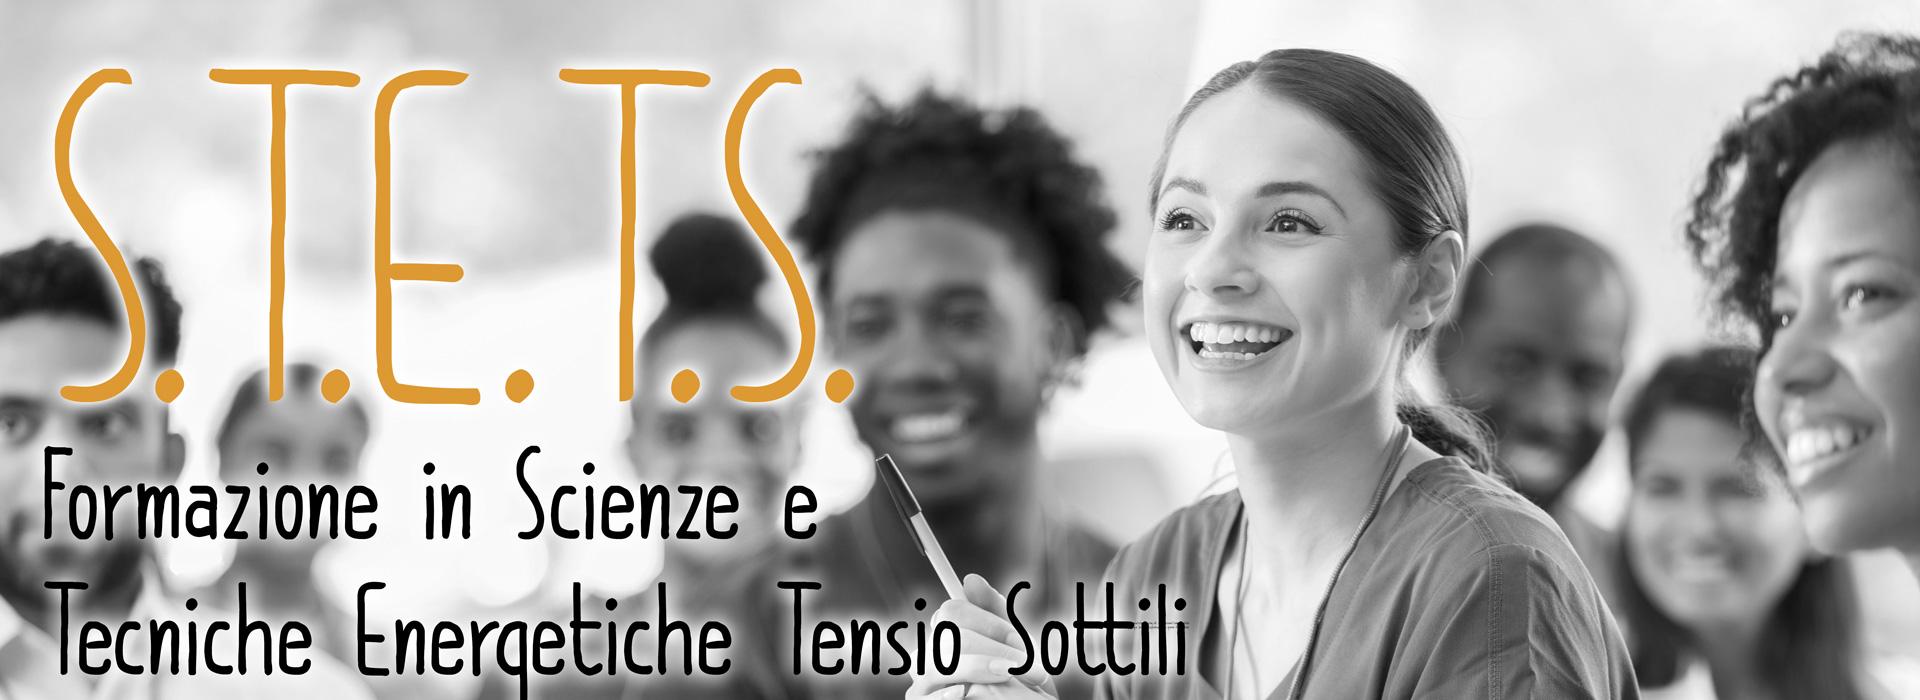 Formazione STETS in scienze e tecniche energetiche tensio sottili Hamors